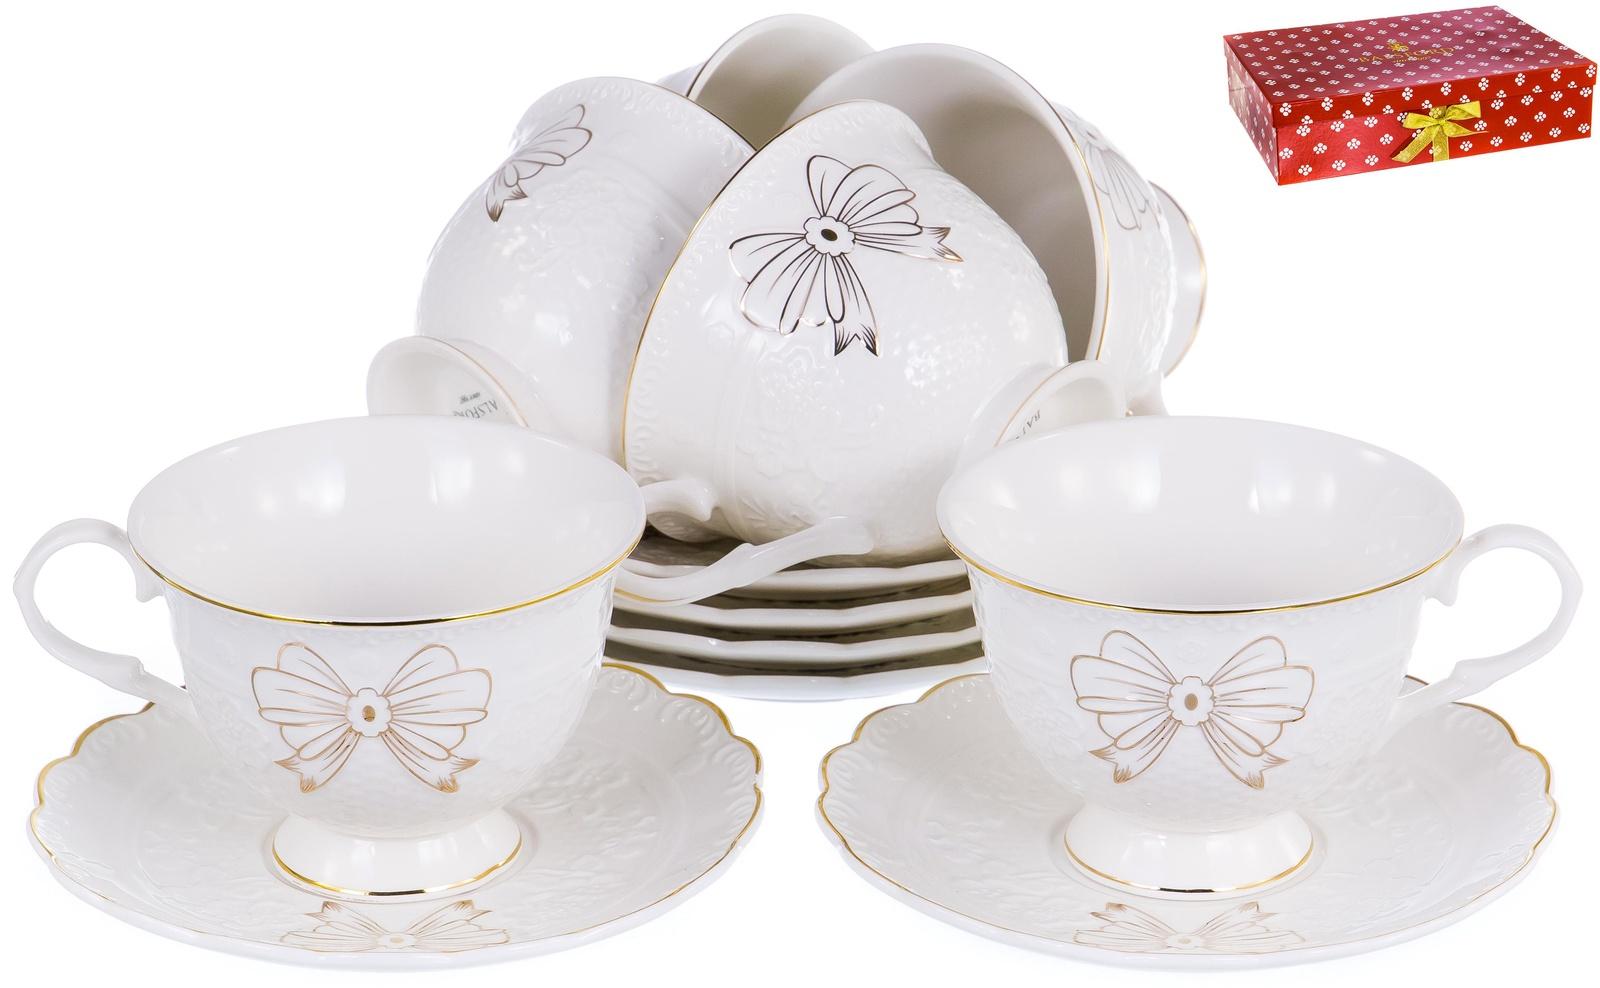 ГРАЦИЯ, набор чайный, 6 чашек 220мл, 6 блюдец, NEW BONE CHINA, белый рельефный рисунок с золотом, прямоугольная подарочная упаковка с окном и бантом, ТМ Balsford, артикул 101-30005